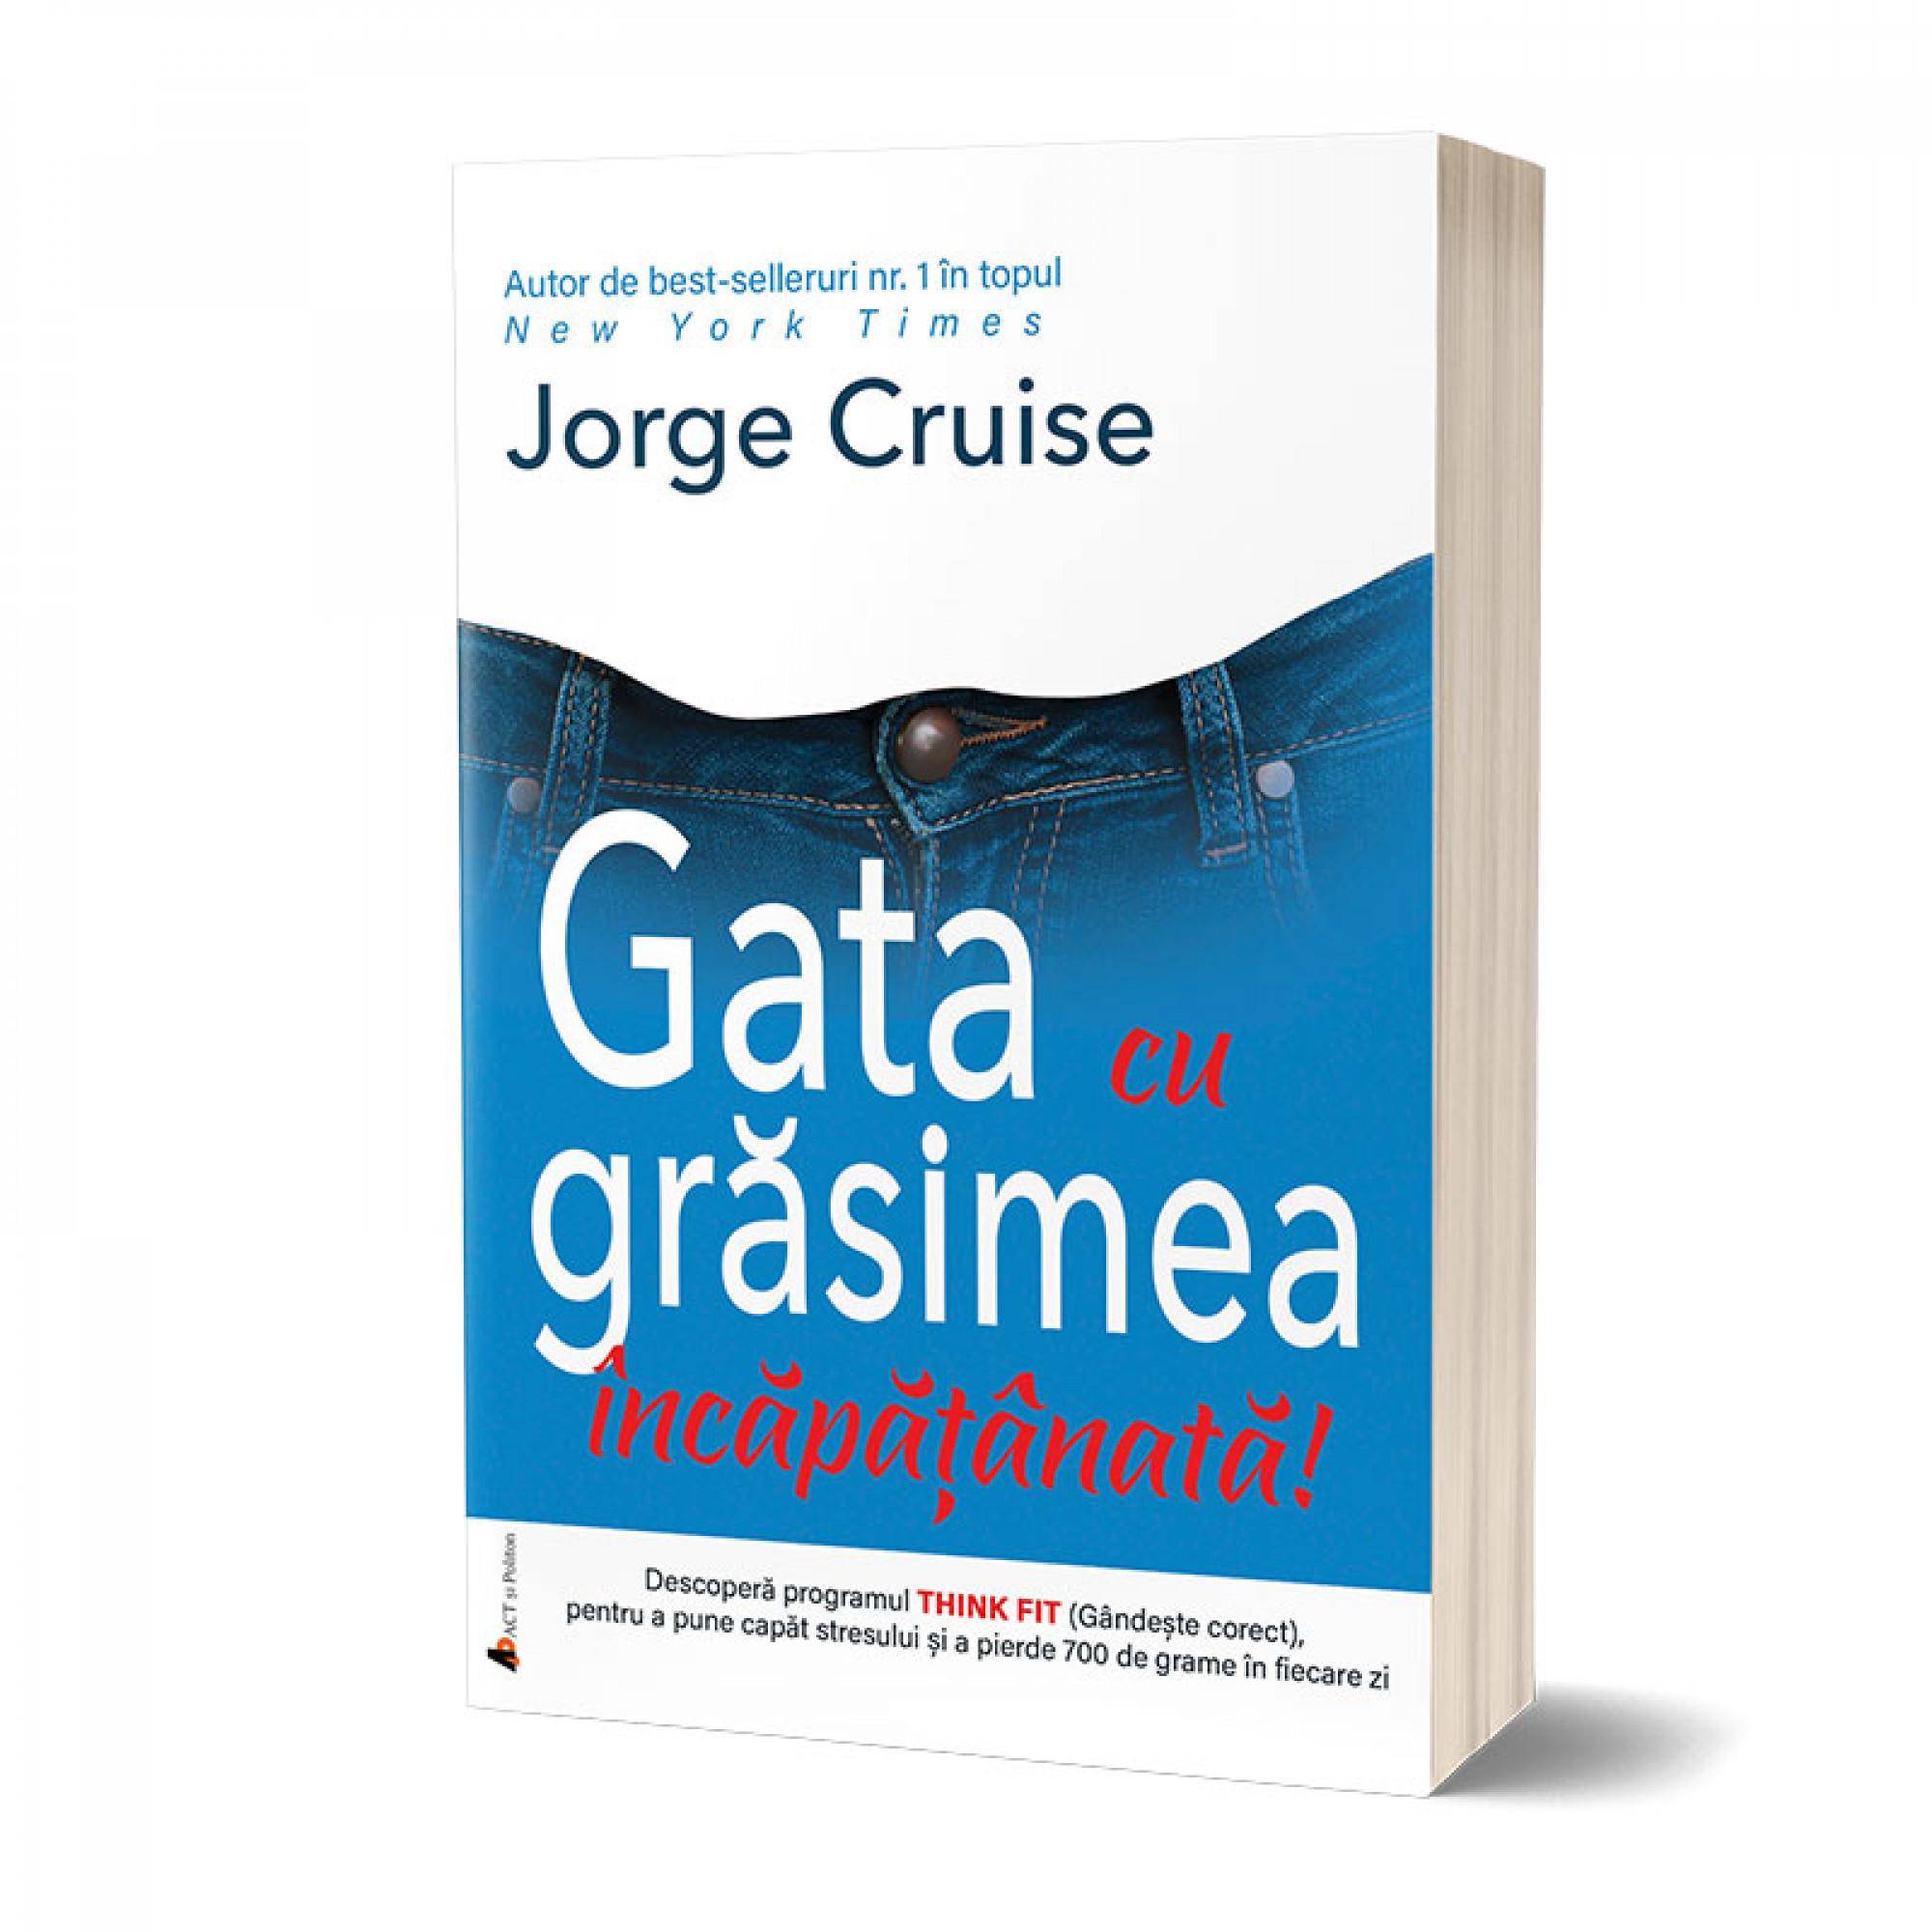 Gata cu grăsimea încăpăţânată! Jorge Cruise îți propune metoda de slăbit care îmbină sfaturile practice cu motivația spirituală!